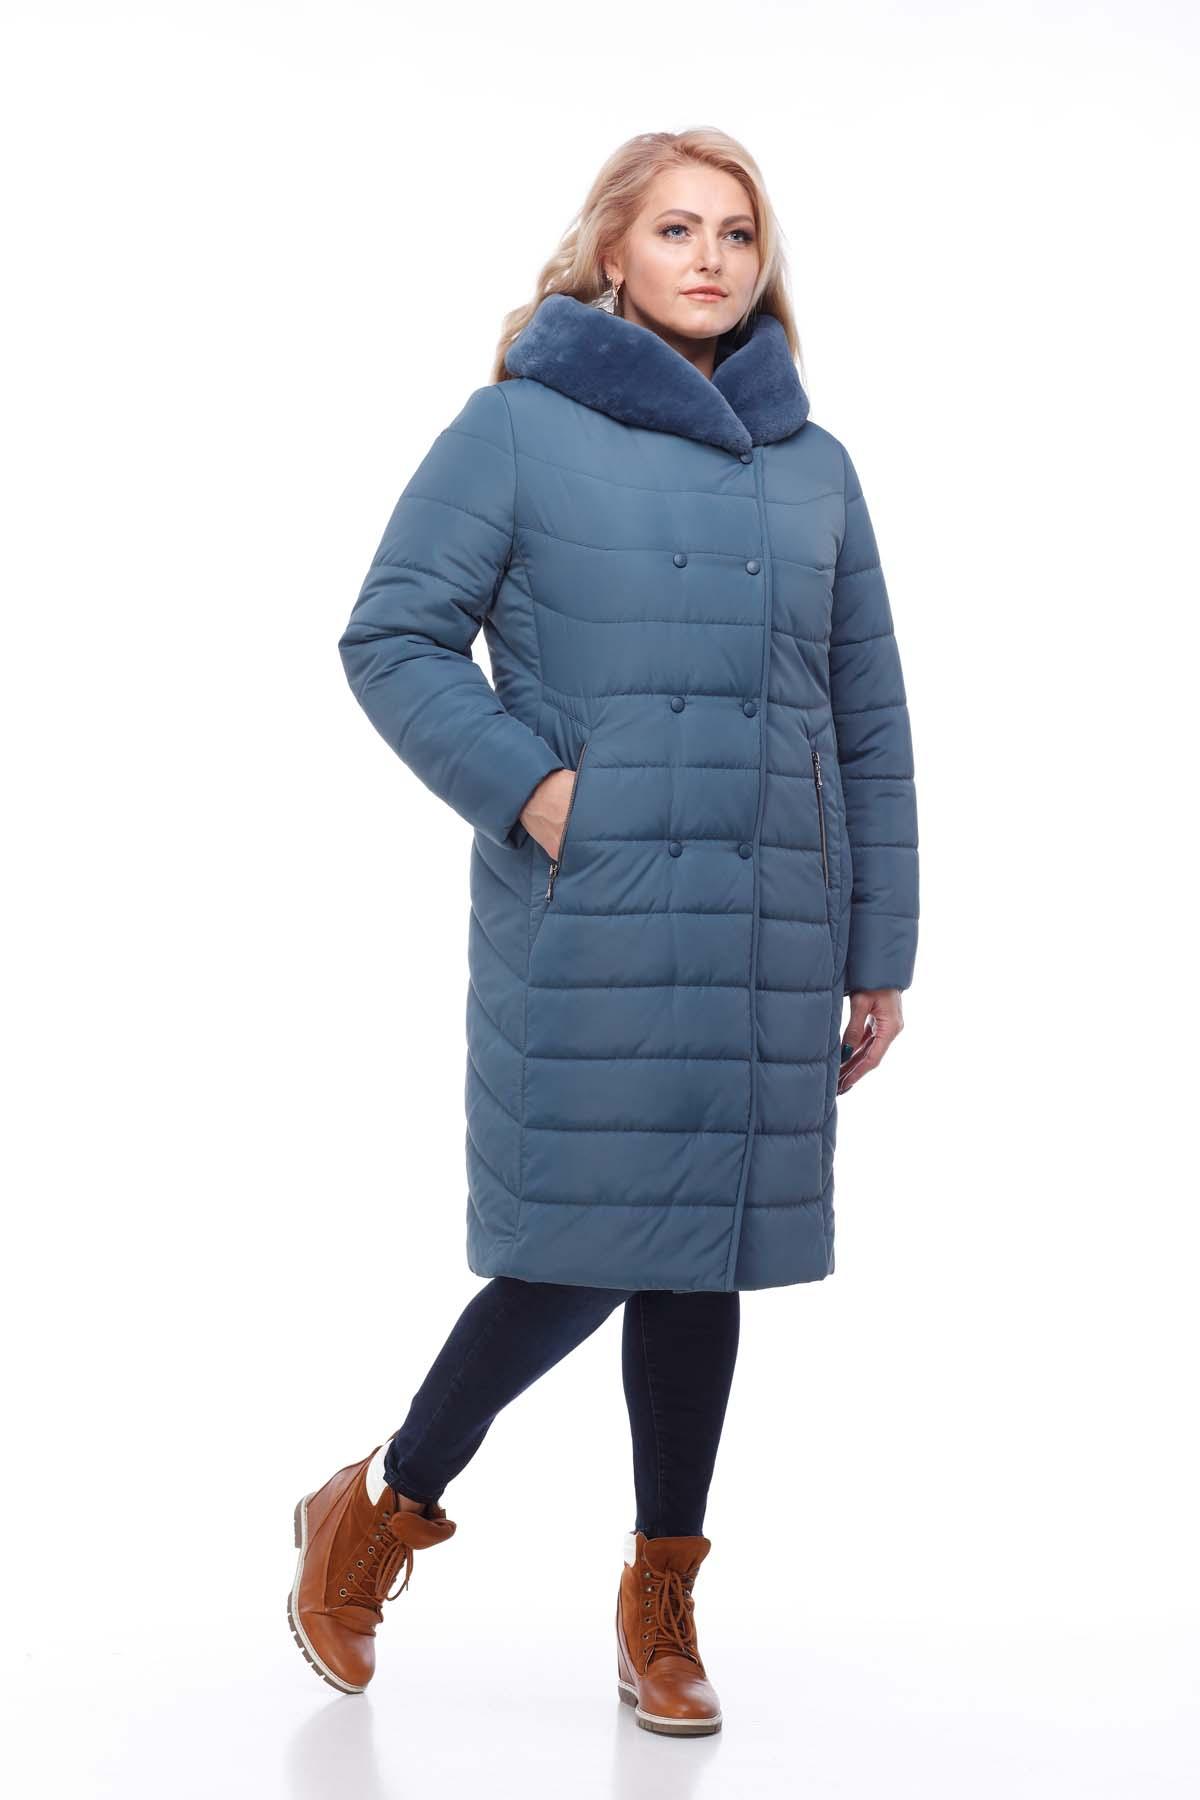 Зимове пальто стьогане Кім Зима, кролик сіро-синій